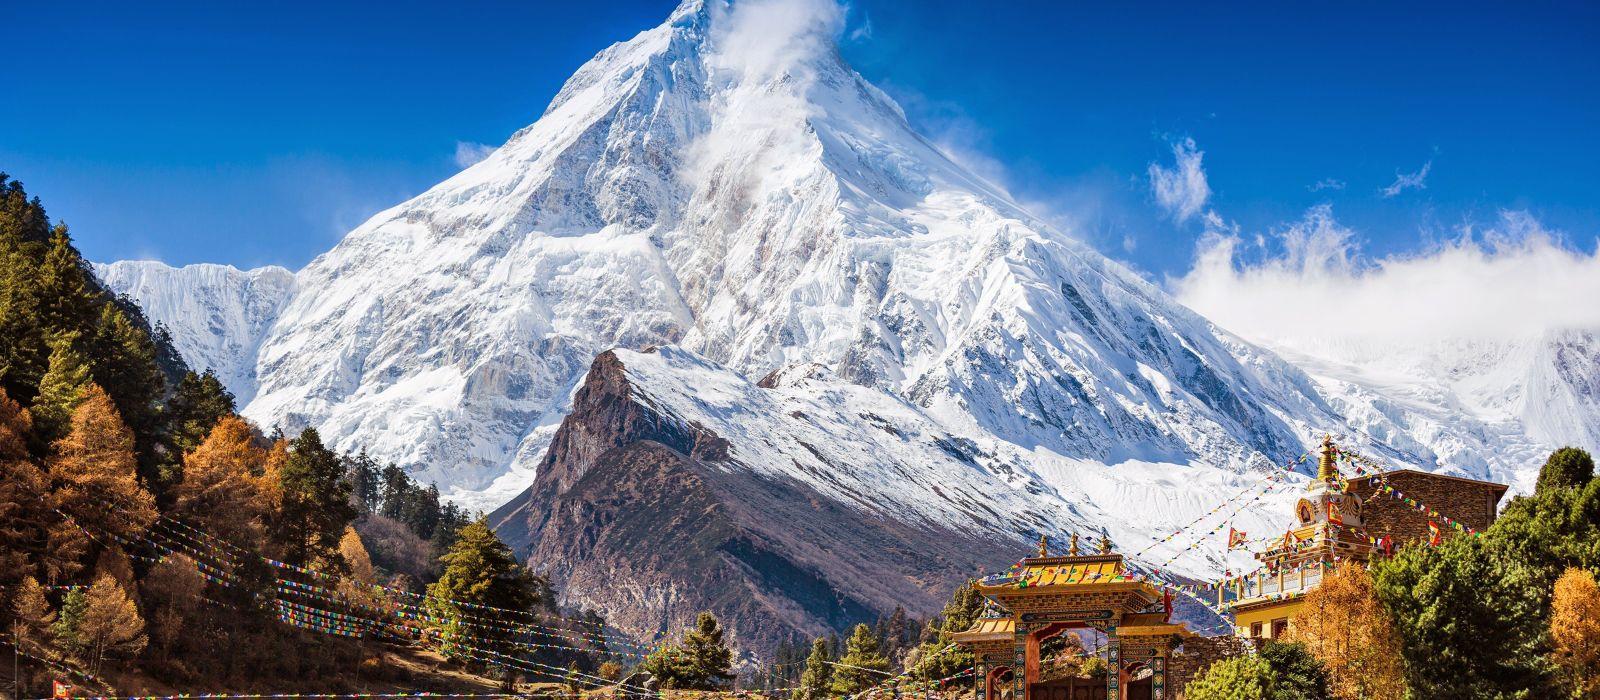 Erleben Sie auf Ihrer Nepal Rundreise imposante Bergwelten - Ausblick auf den Himalaya